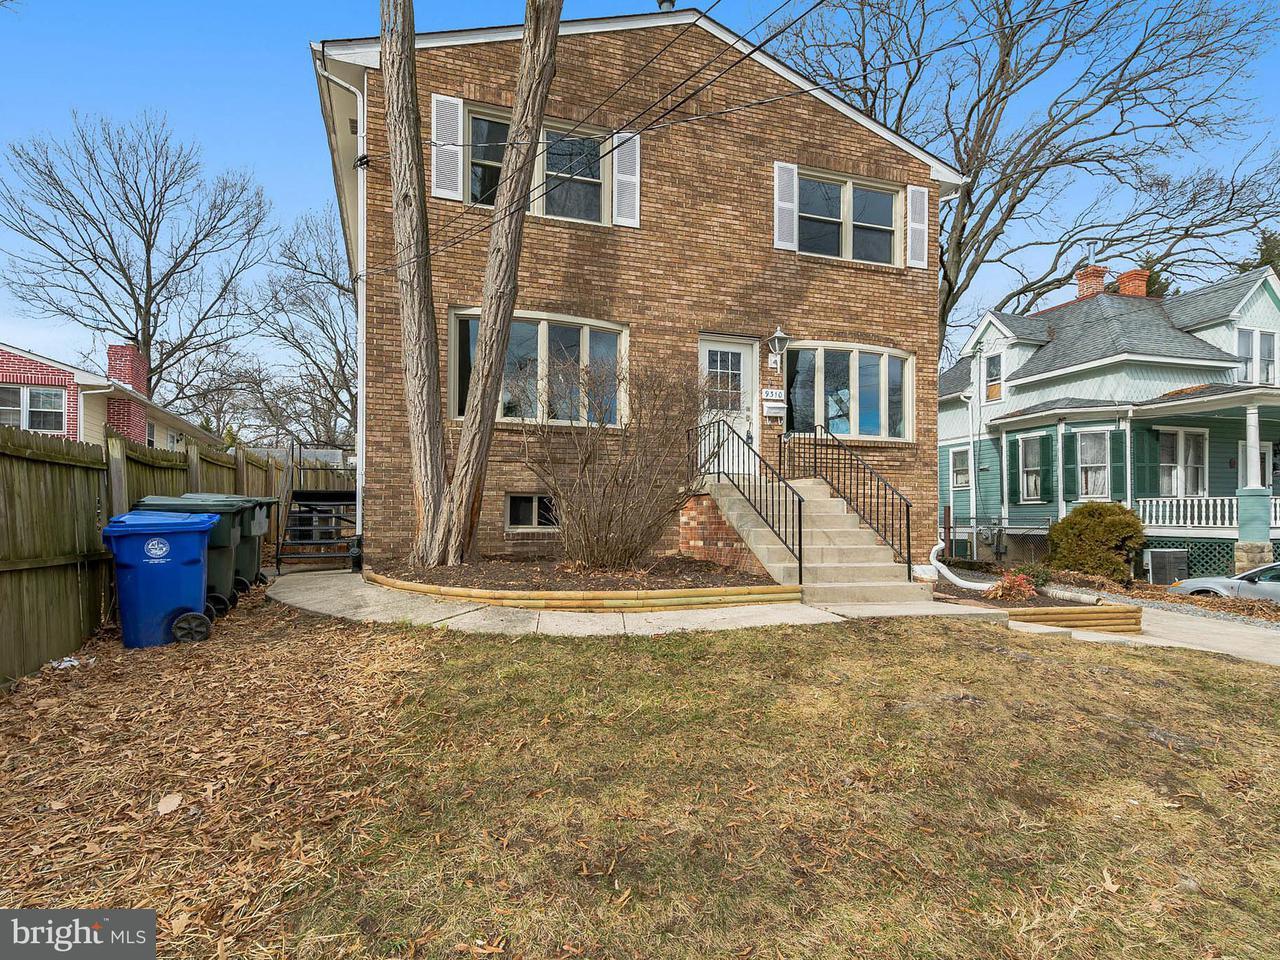 Μονοκατοικία για την Πώληση στο 9310 Rhode Island Avenue 9310 Rhode Island Avenue College Park, Μεριλαντ 20740 Ηνωμενεσ Πολιτειεσ